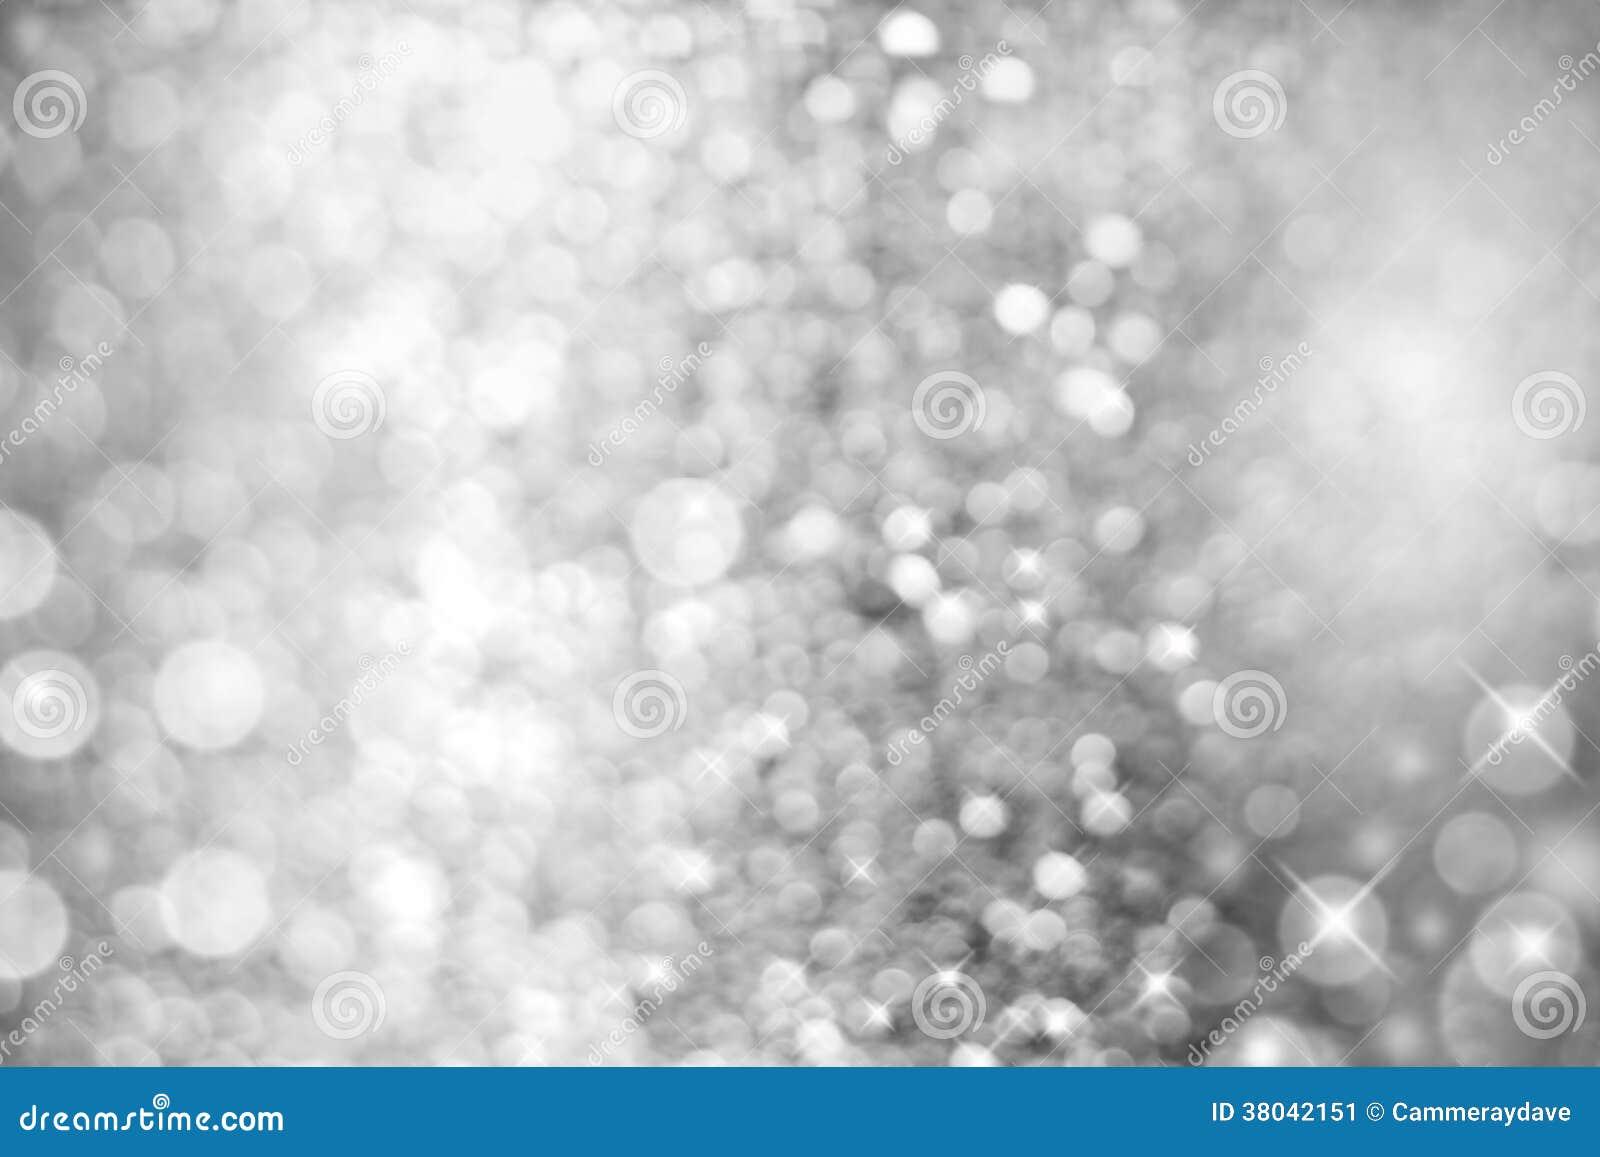 Fond abstrait blanc argenté